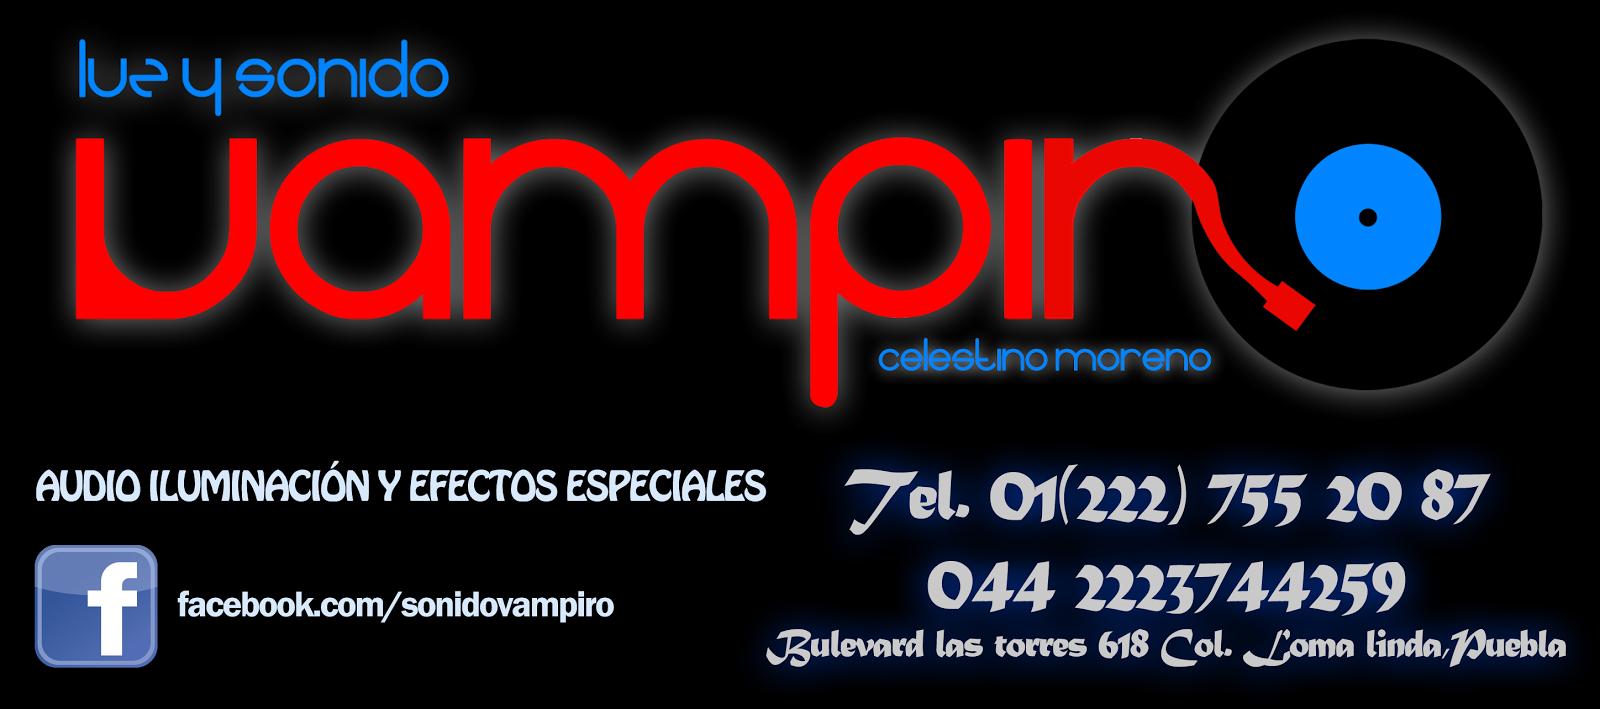 Vampiro Publicidad | Luz y Sonido Vampiro de Puebla: luzysonidovampiro.blogspot.com/2012/12/sonido-vampiro.html#!